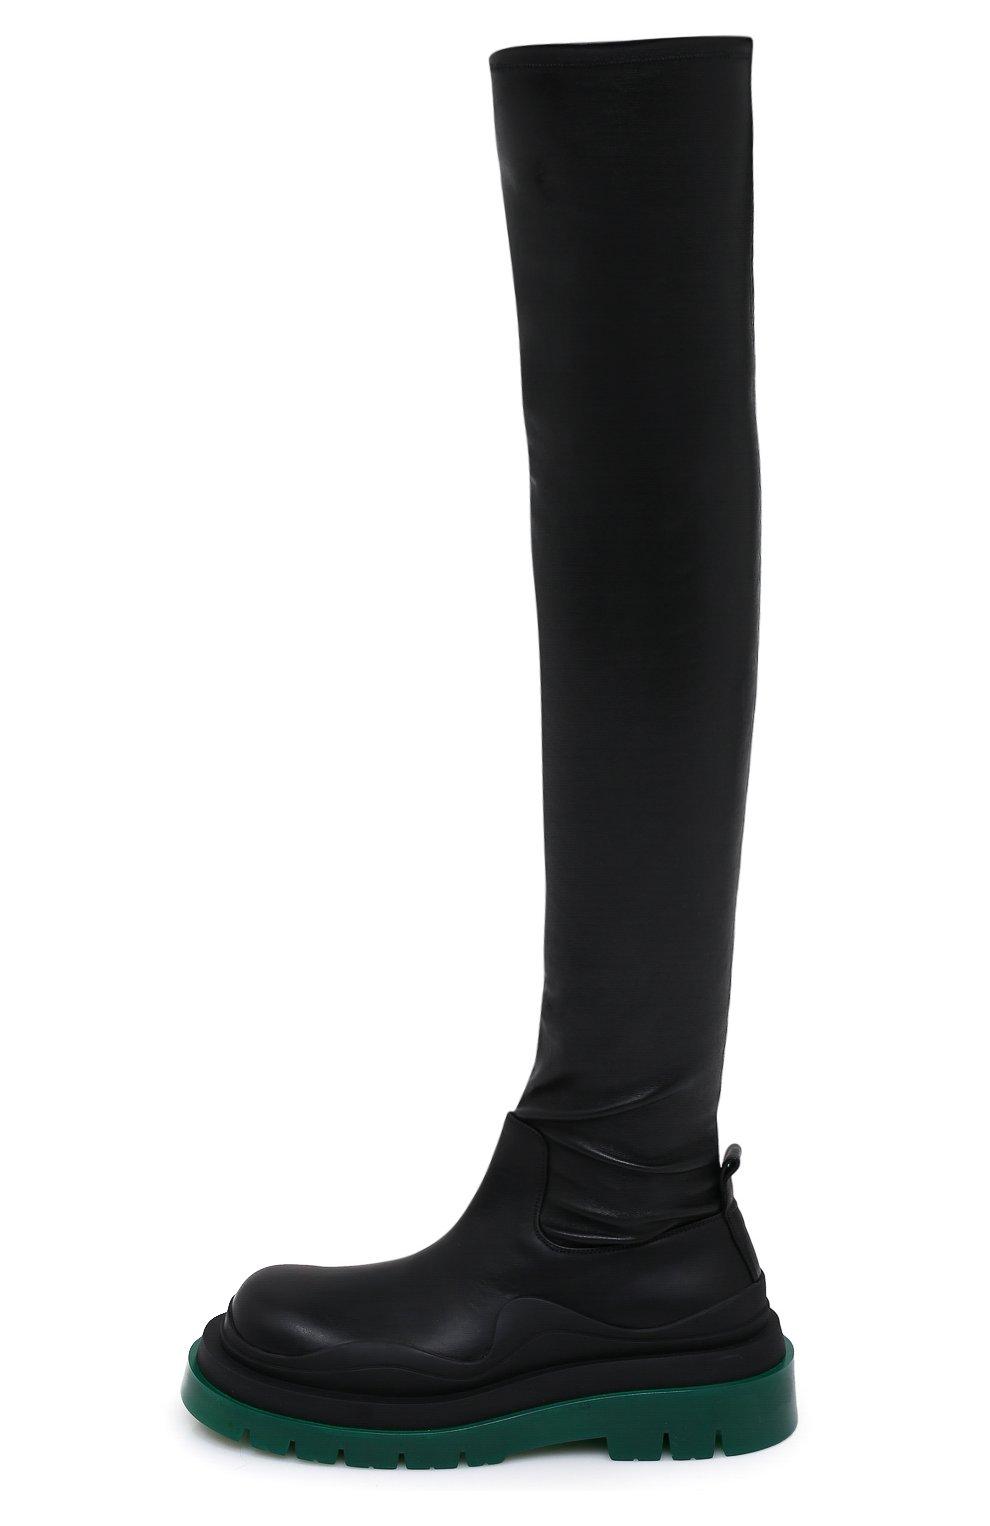 Женские кожаные ботфорты bv tire BOTTEGA VENETA черного цвета, арт. 630303/VBP71 | Фото 3 (Подошва: Платформа; Материал внутренний: Натуральная кожа; Каблук высота: Средний; Каблук тип: Устойчивый)